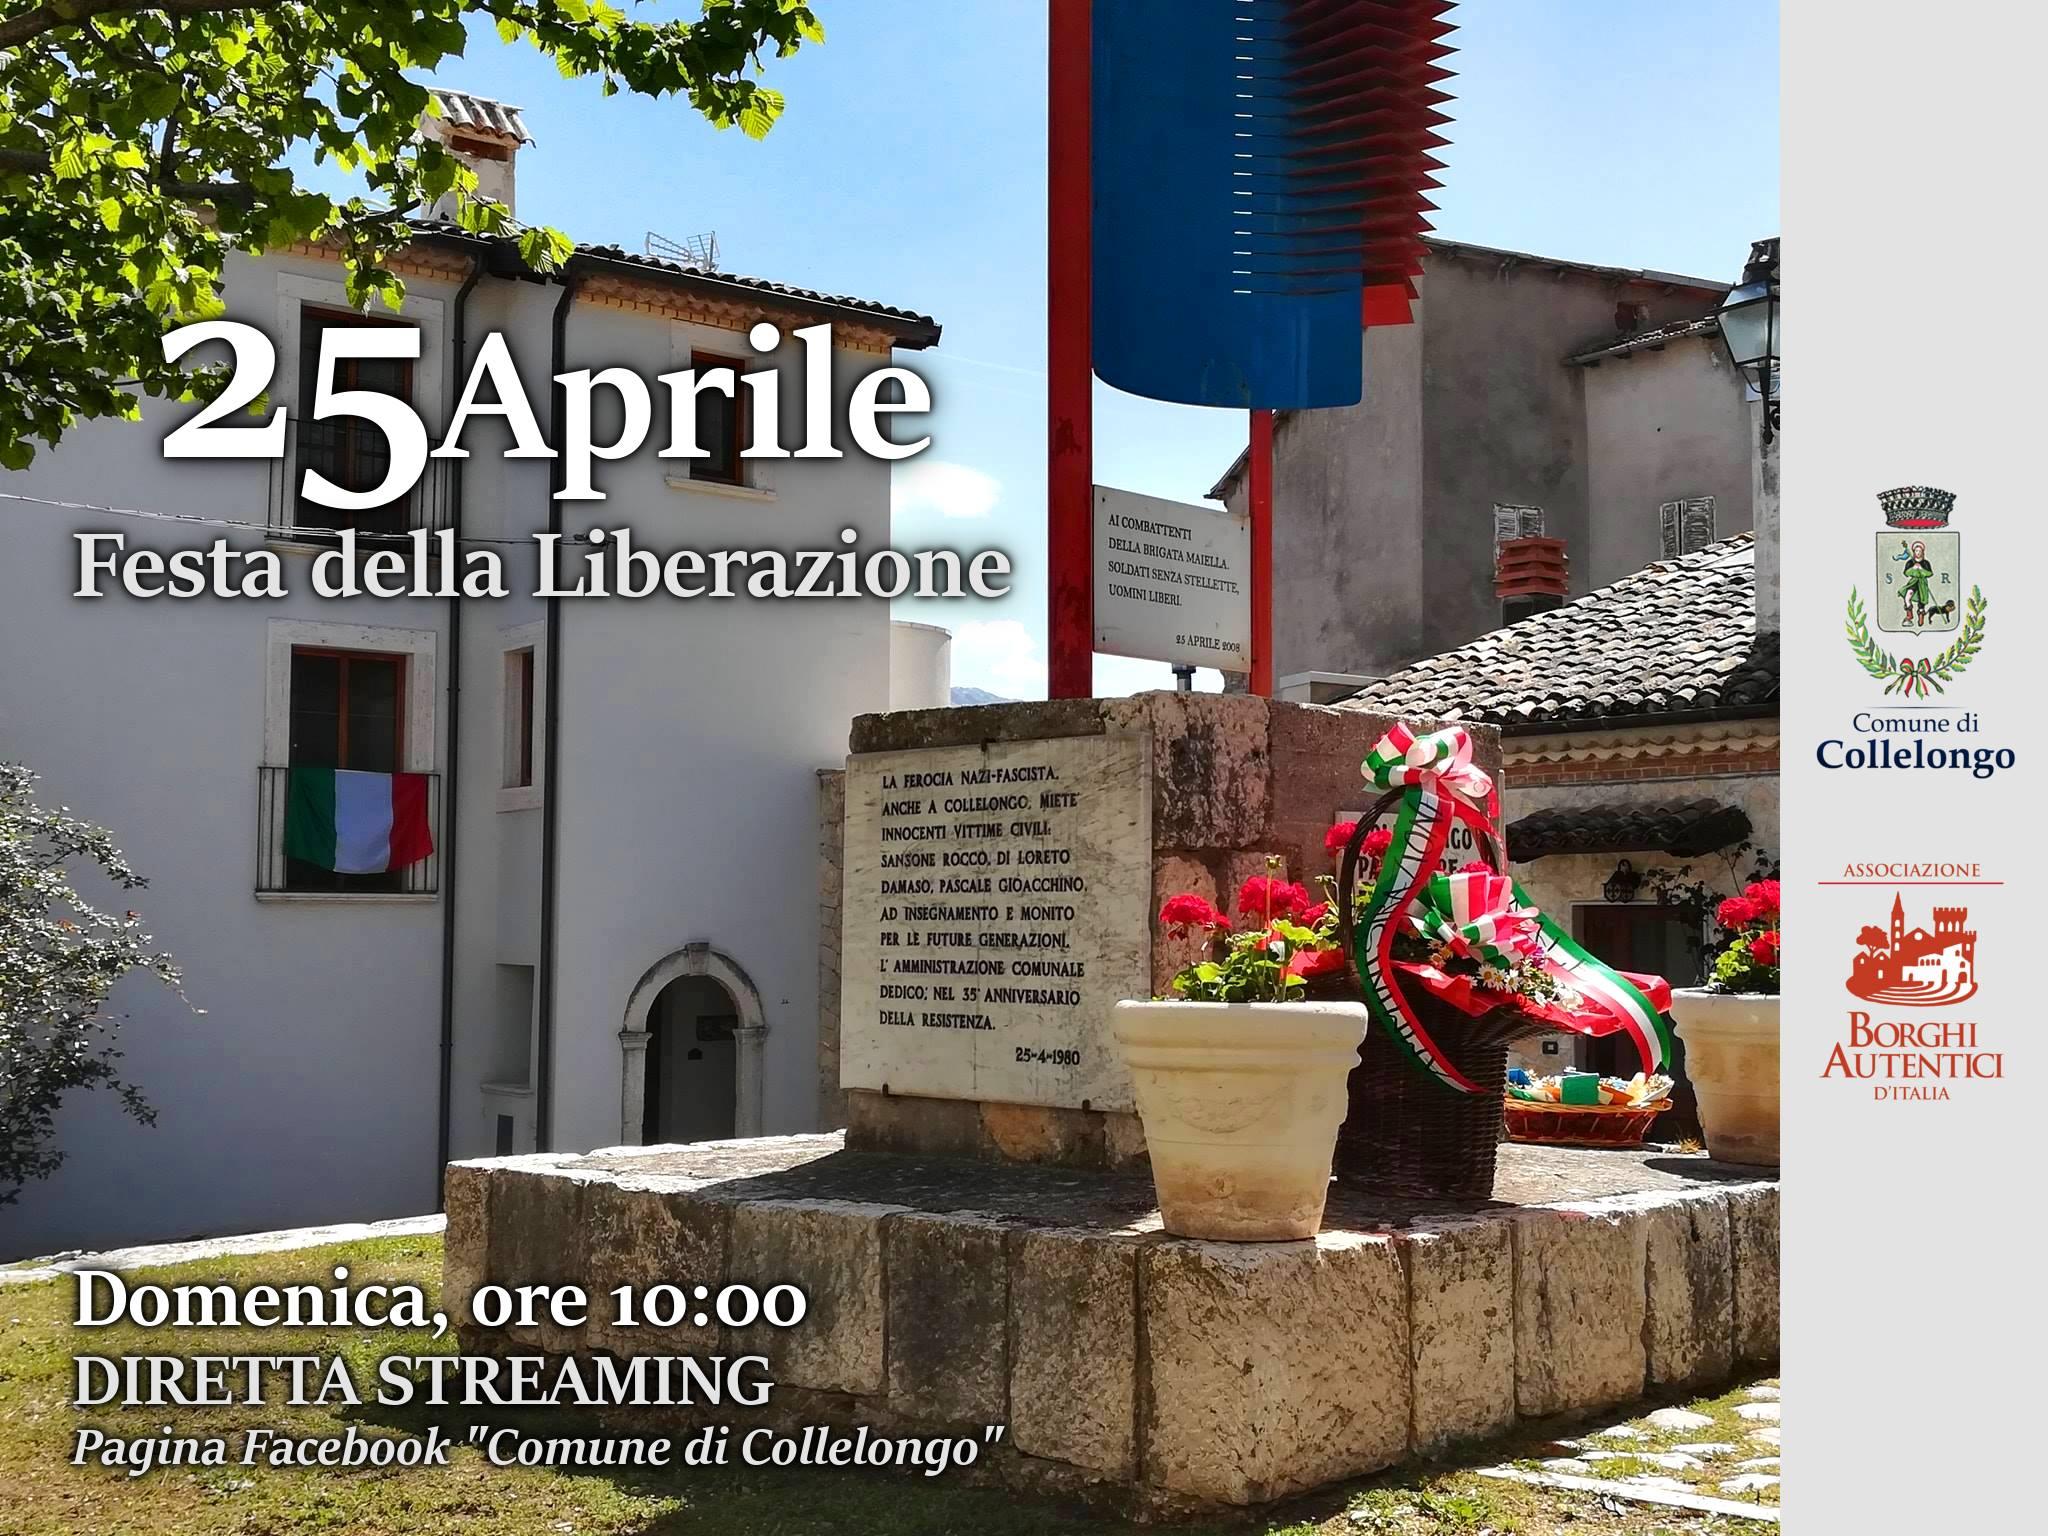 Festa del 25 Aprile, il Comune di Collelongo in diretta streaming sulla sua pagina Facebook